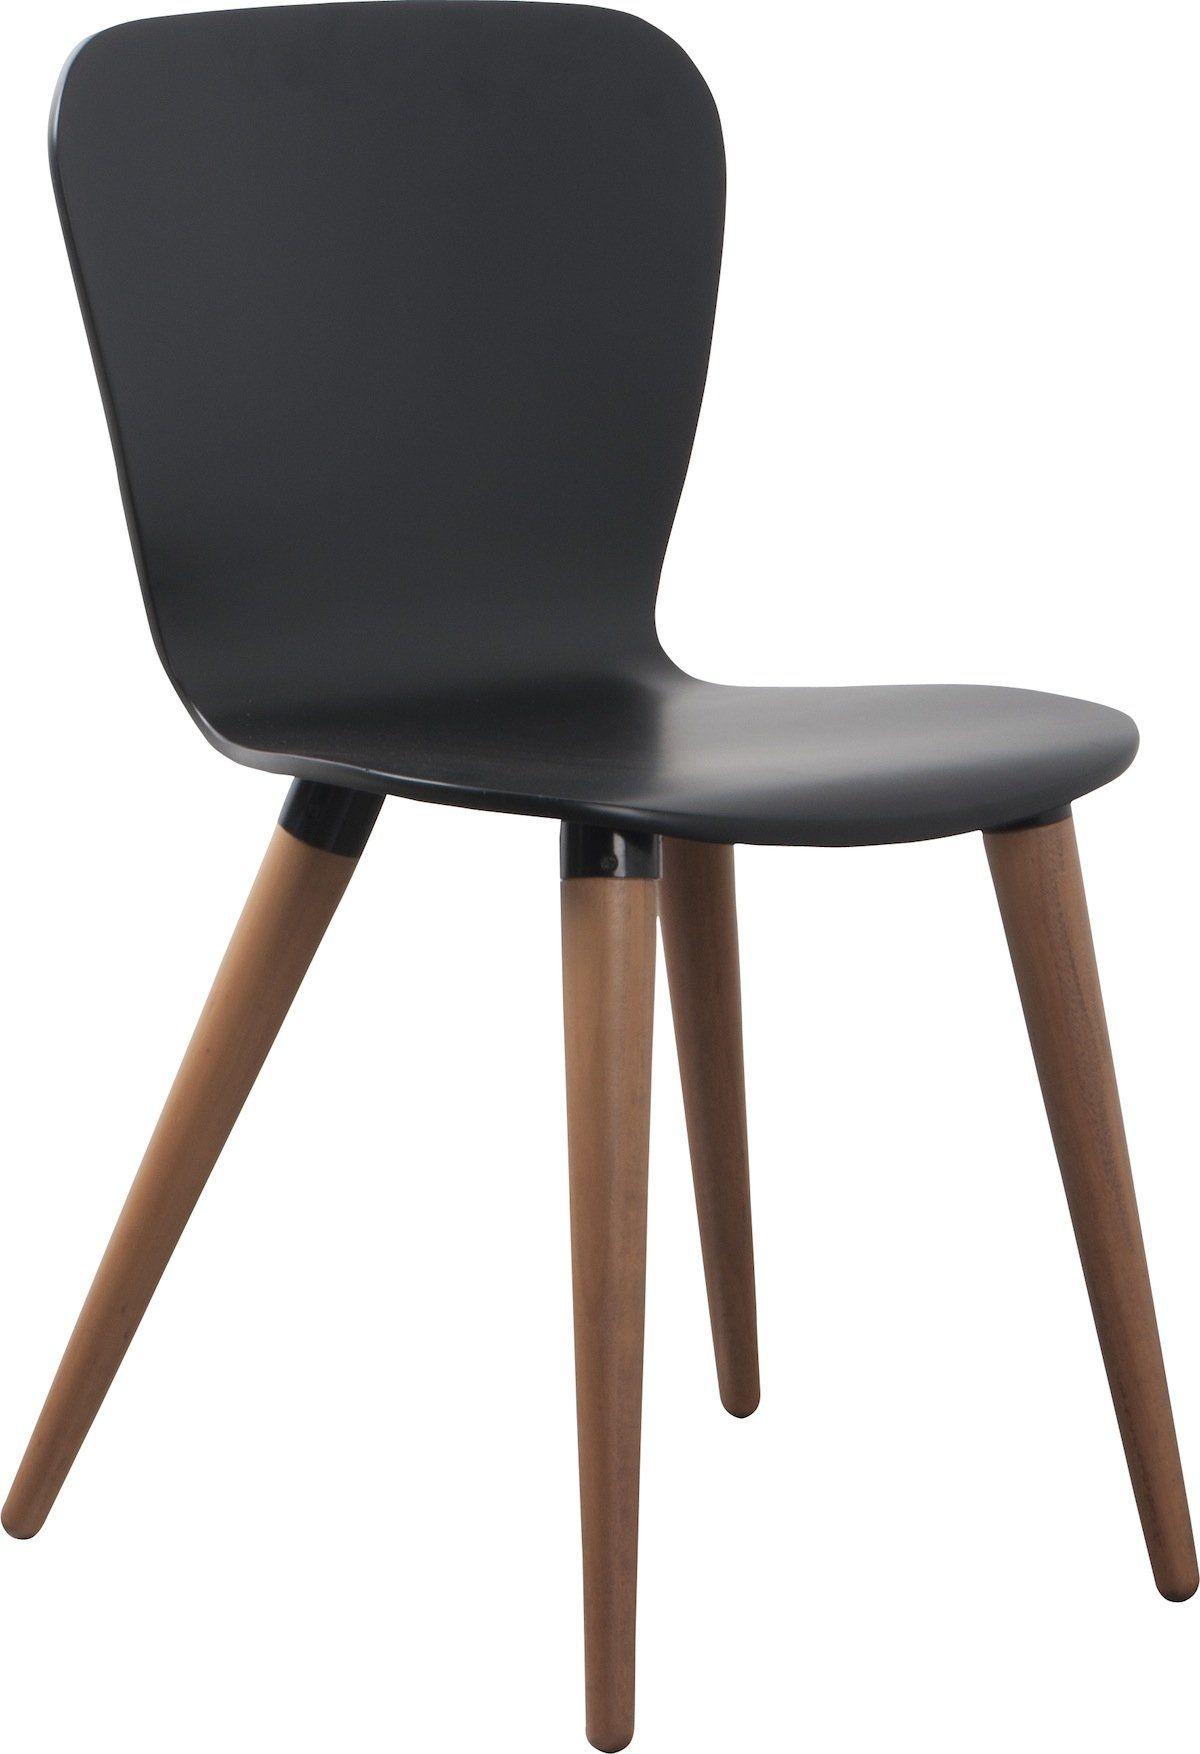 Erstaunlich Küchen Und Esszimmerstühle Das Beste Von Designbotschaft: Oslo Stuhl Schwarz - Esszimmerstühle 1